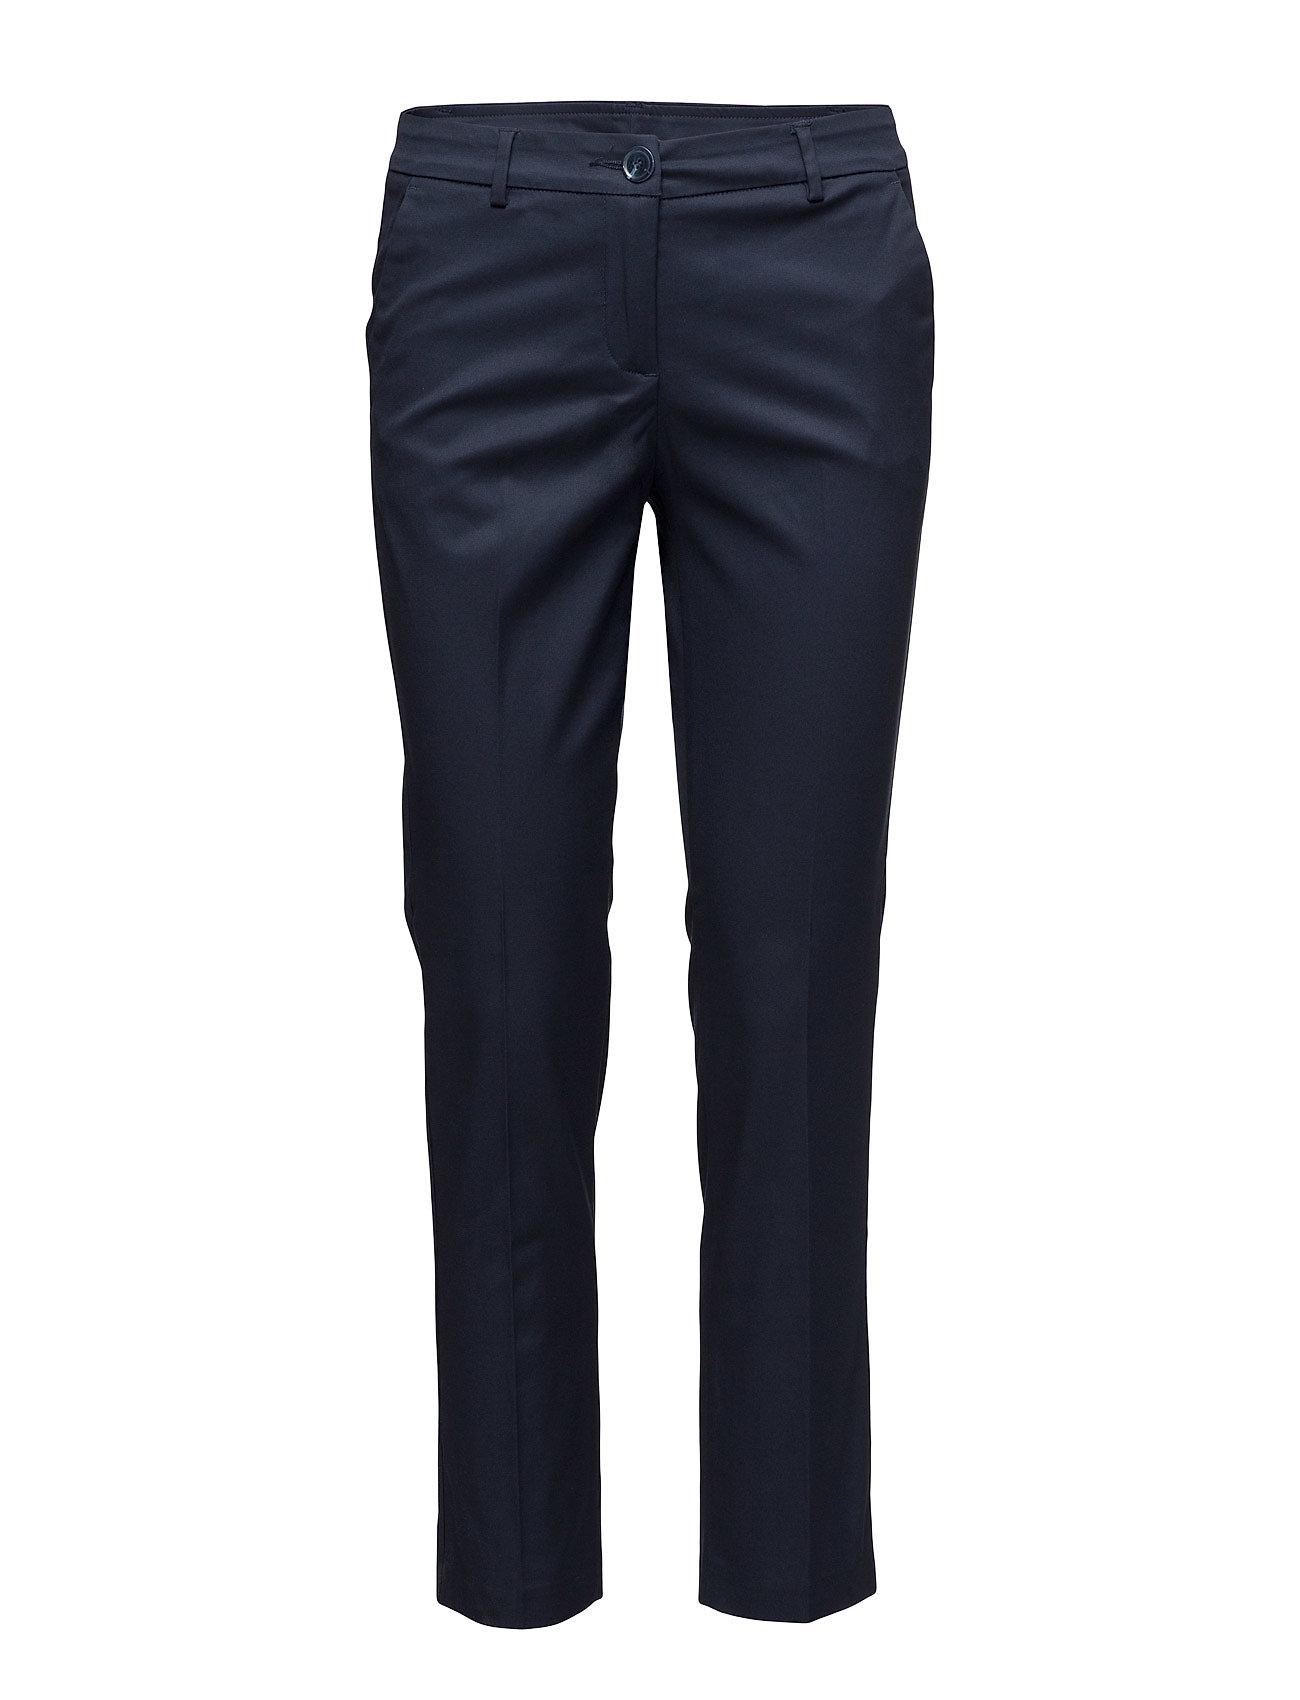 Trousers United Colors of Benetton Skinny til Damer i 06U